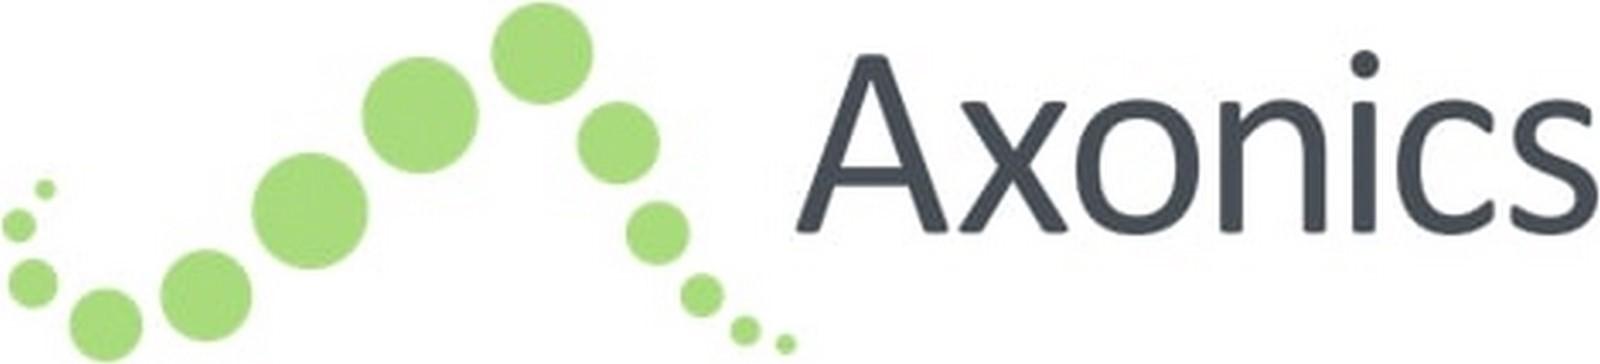 Axonics - Sheet1